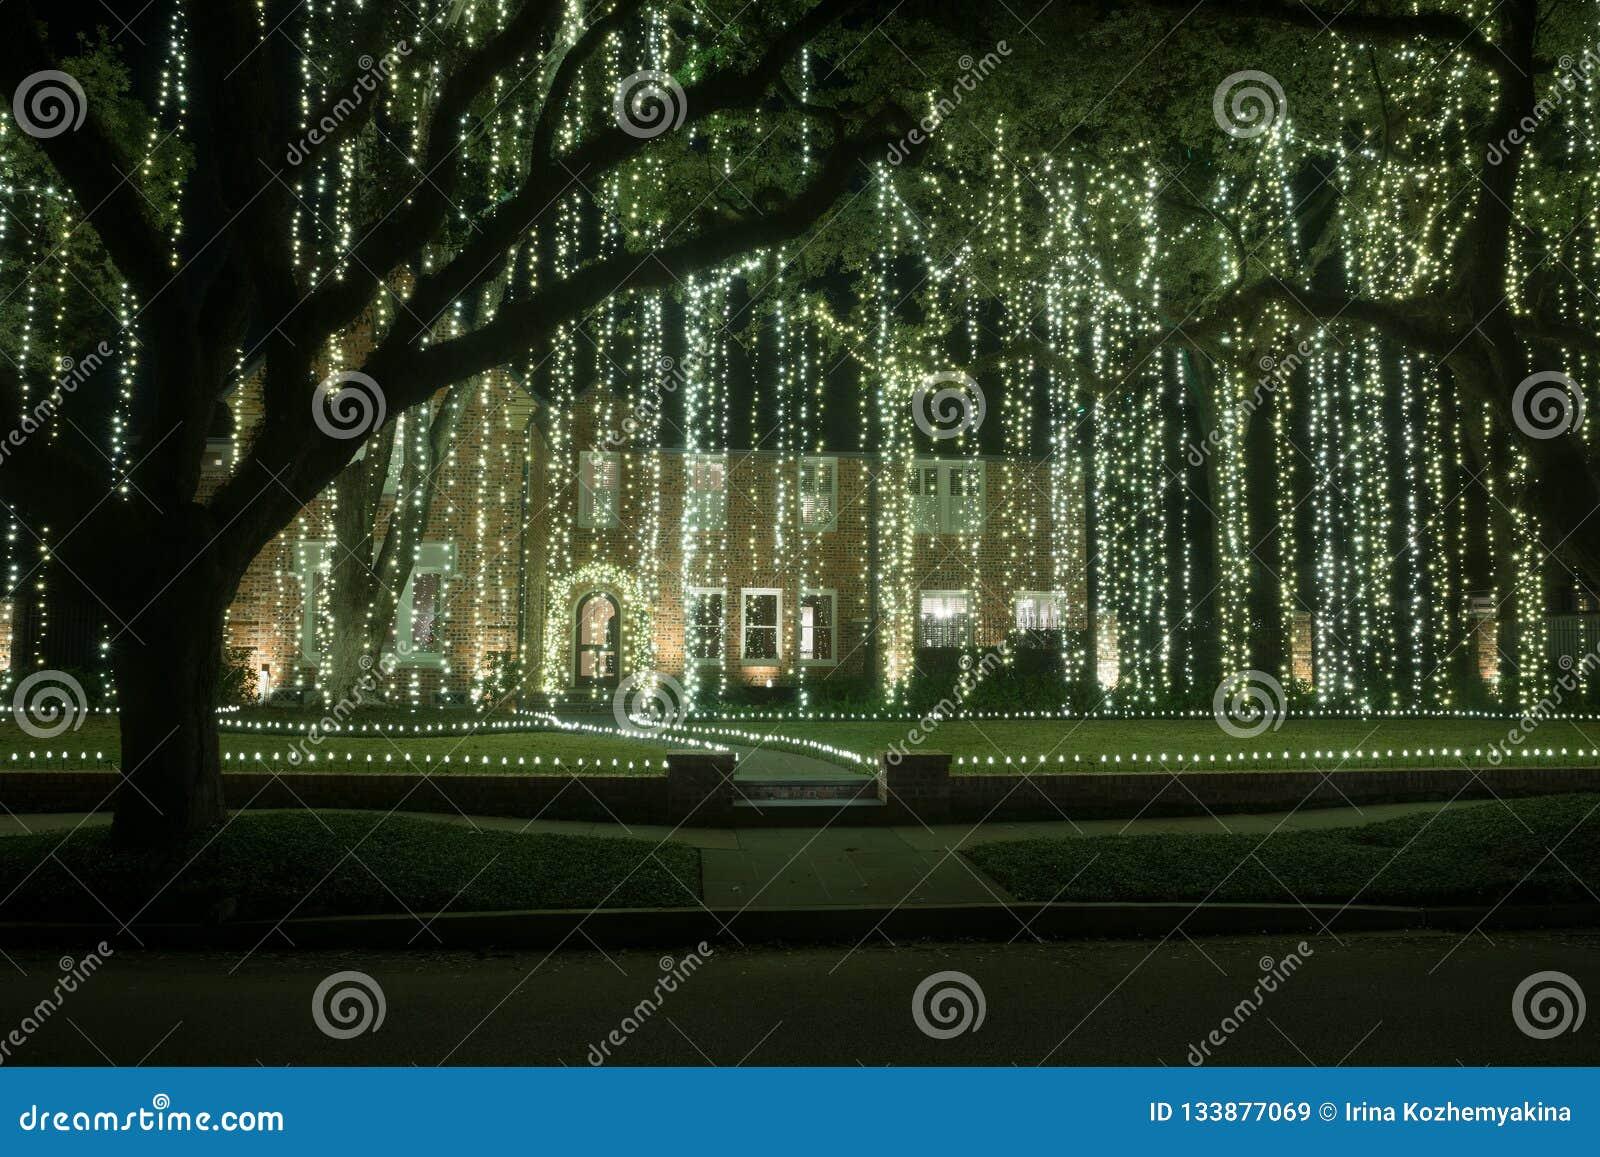 Casa con una cortina de guirnaldas ligeras Decoración de la Navidad Invierno